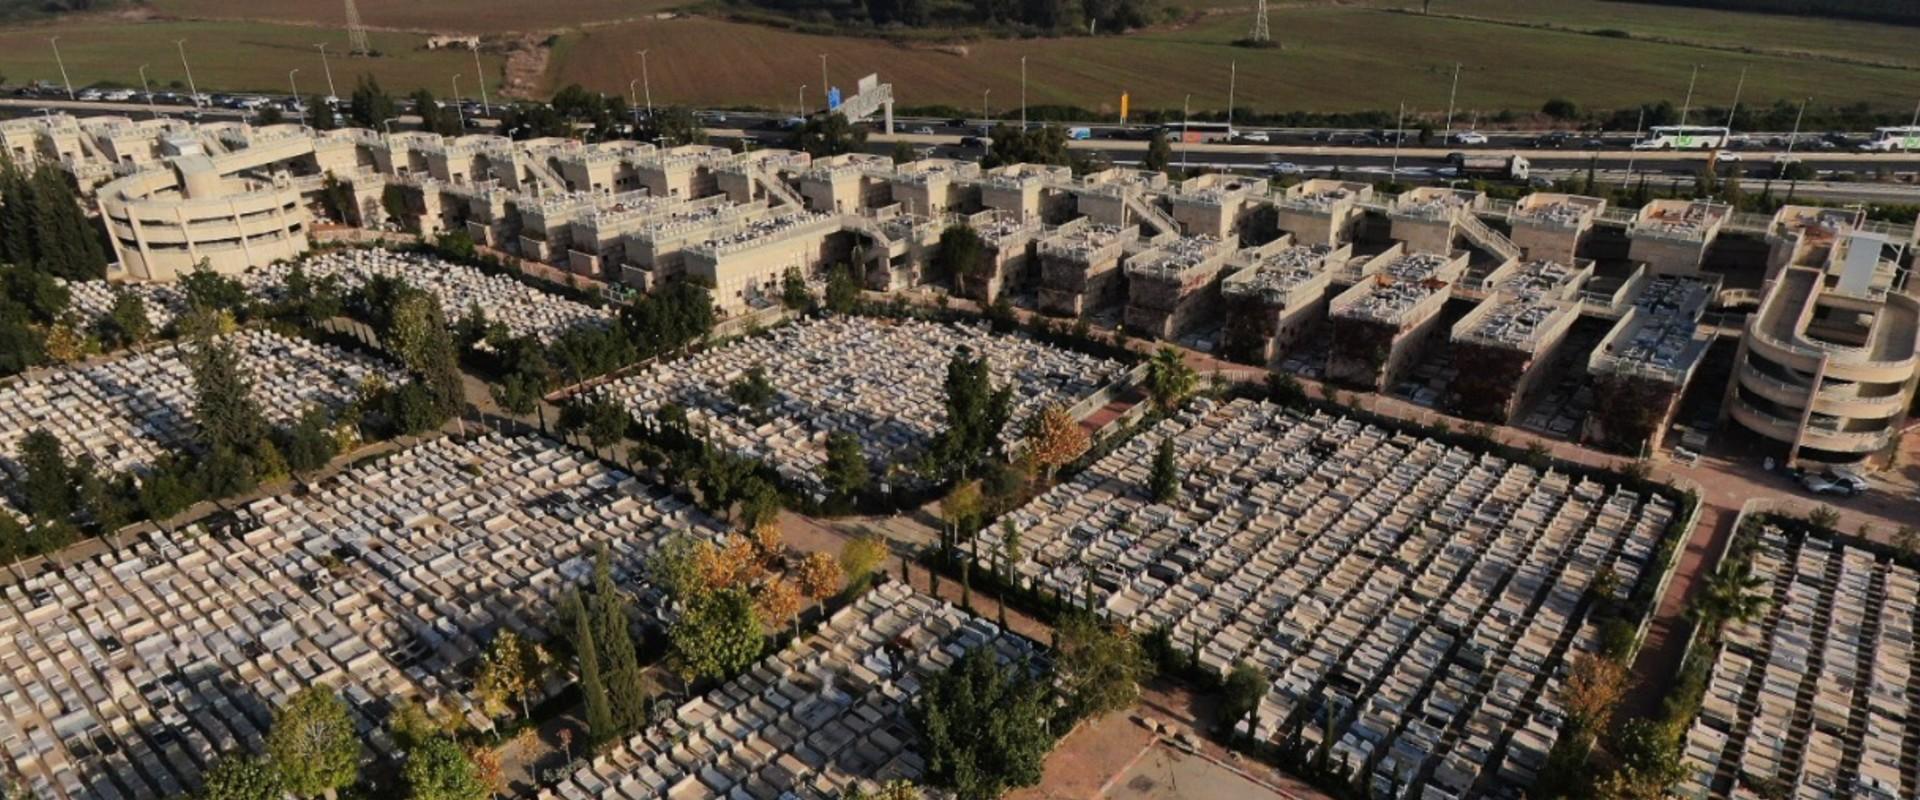 בית עלמין ירקון, מבט על (צילום: יוחאי הלל)